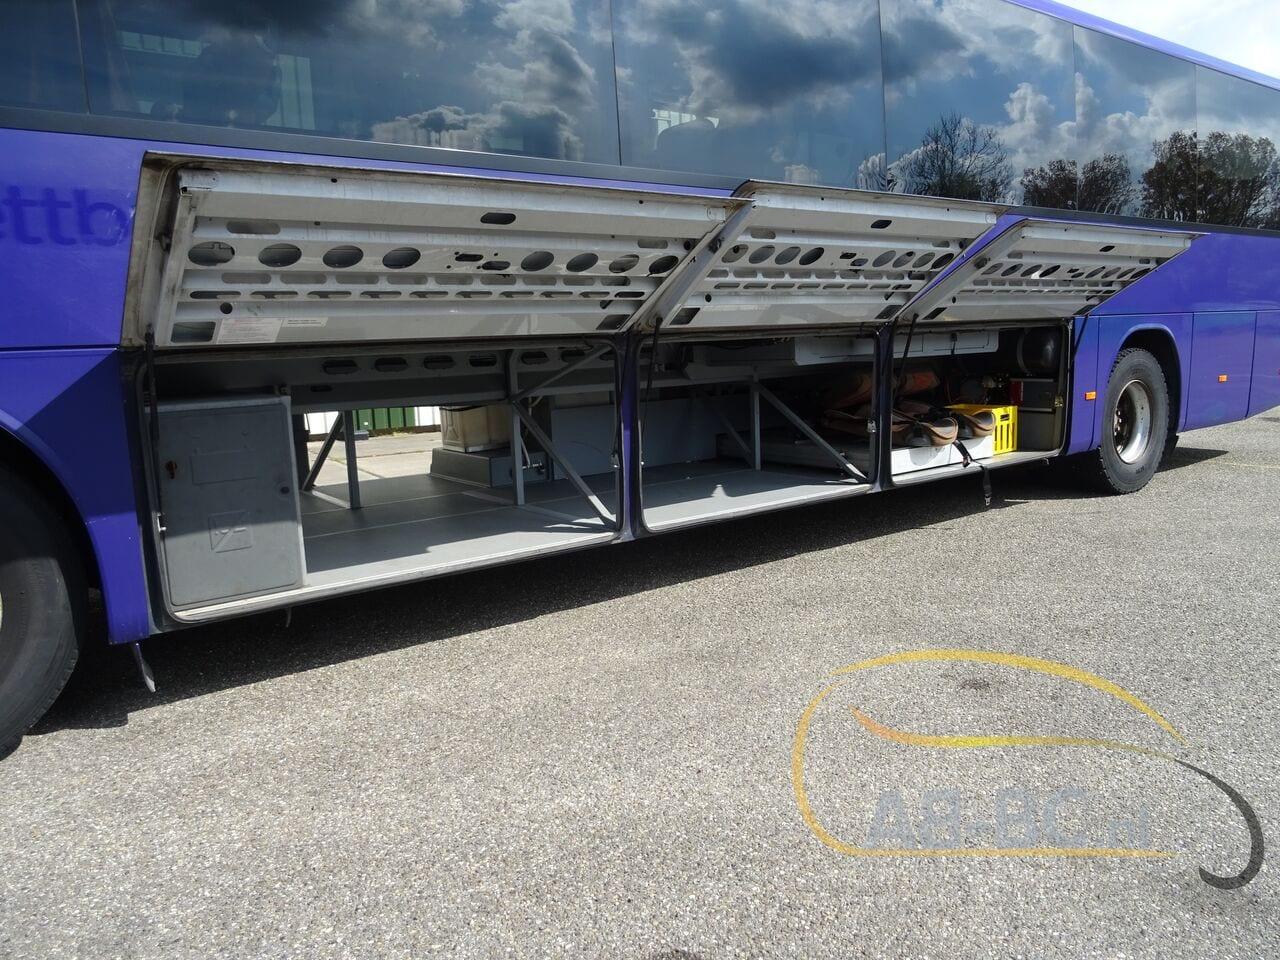 coach-busSETRA-S416H-48-SEATS-LIFTBUS---1620309532719764385_big_9b031ea5c345c2f6bd7aa2318e5d3111--21050616581387095000